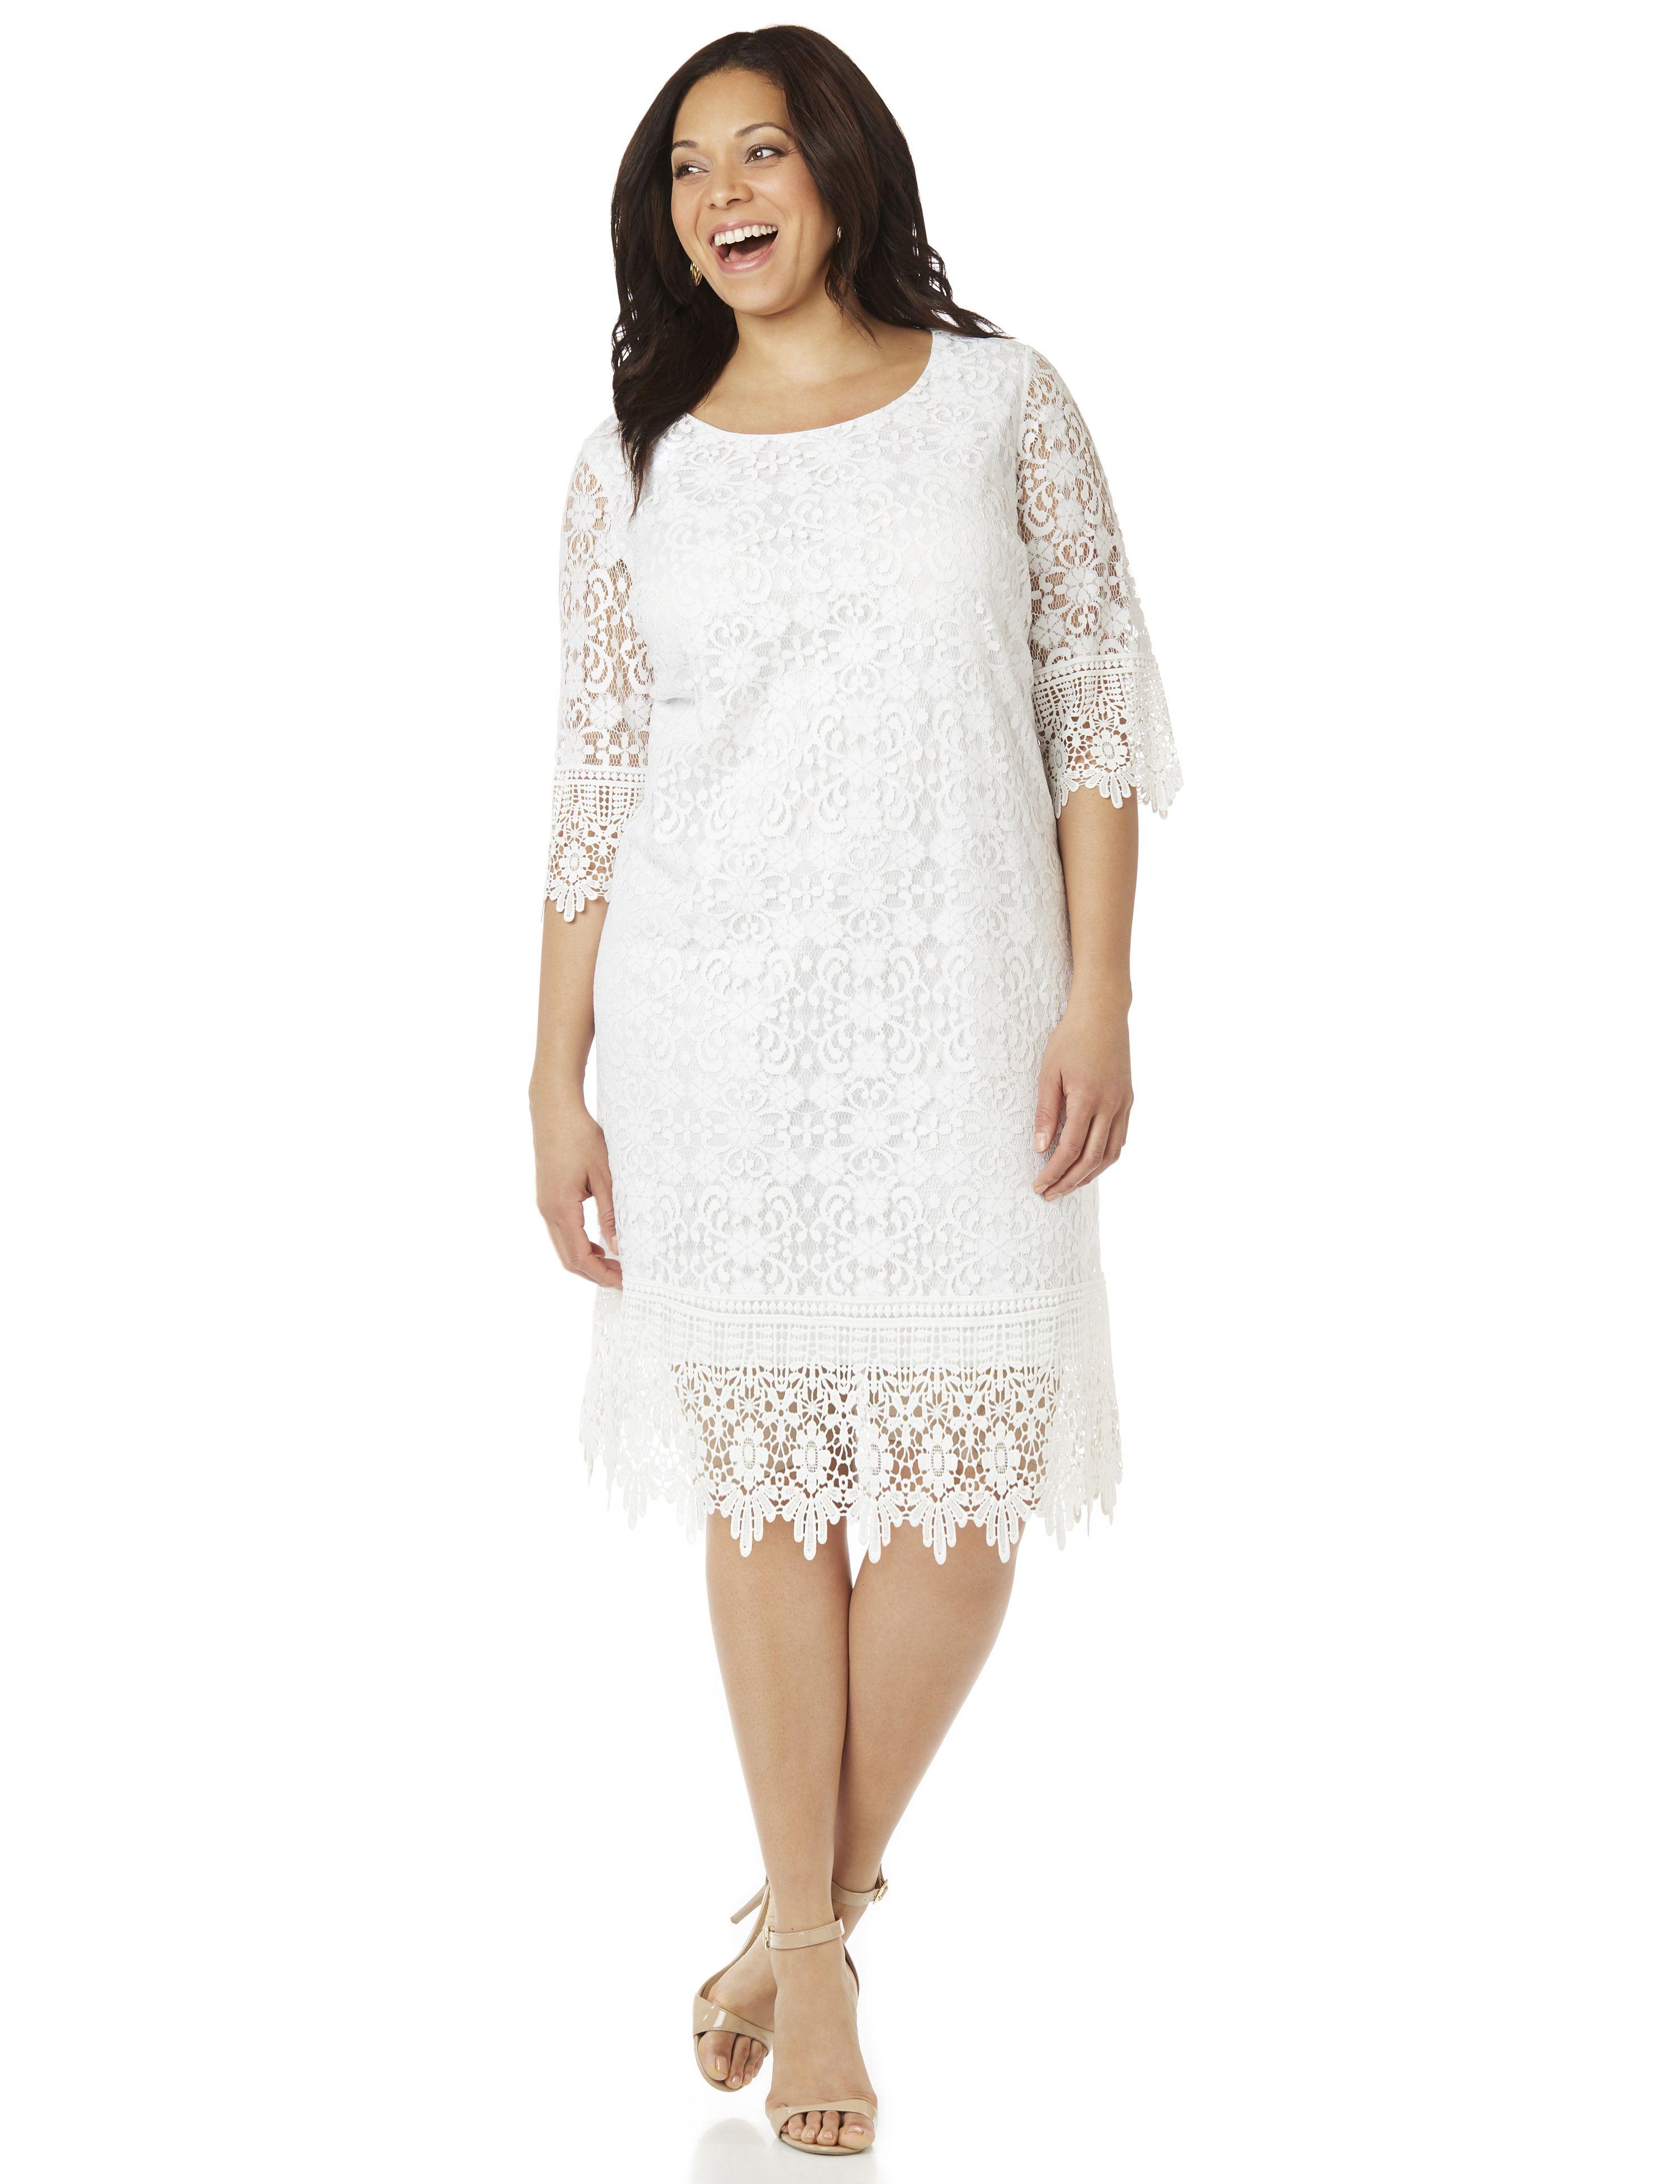 Vintage Inspired Wedding Dresses Dulcinea Shift Dress $80.99 AT vintagedancer.com